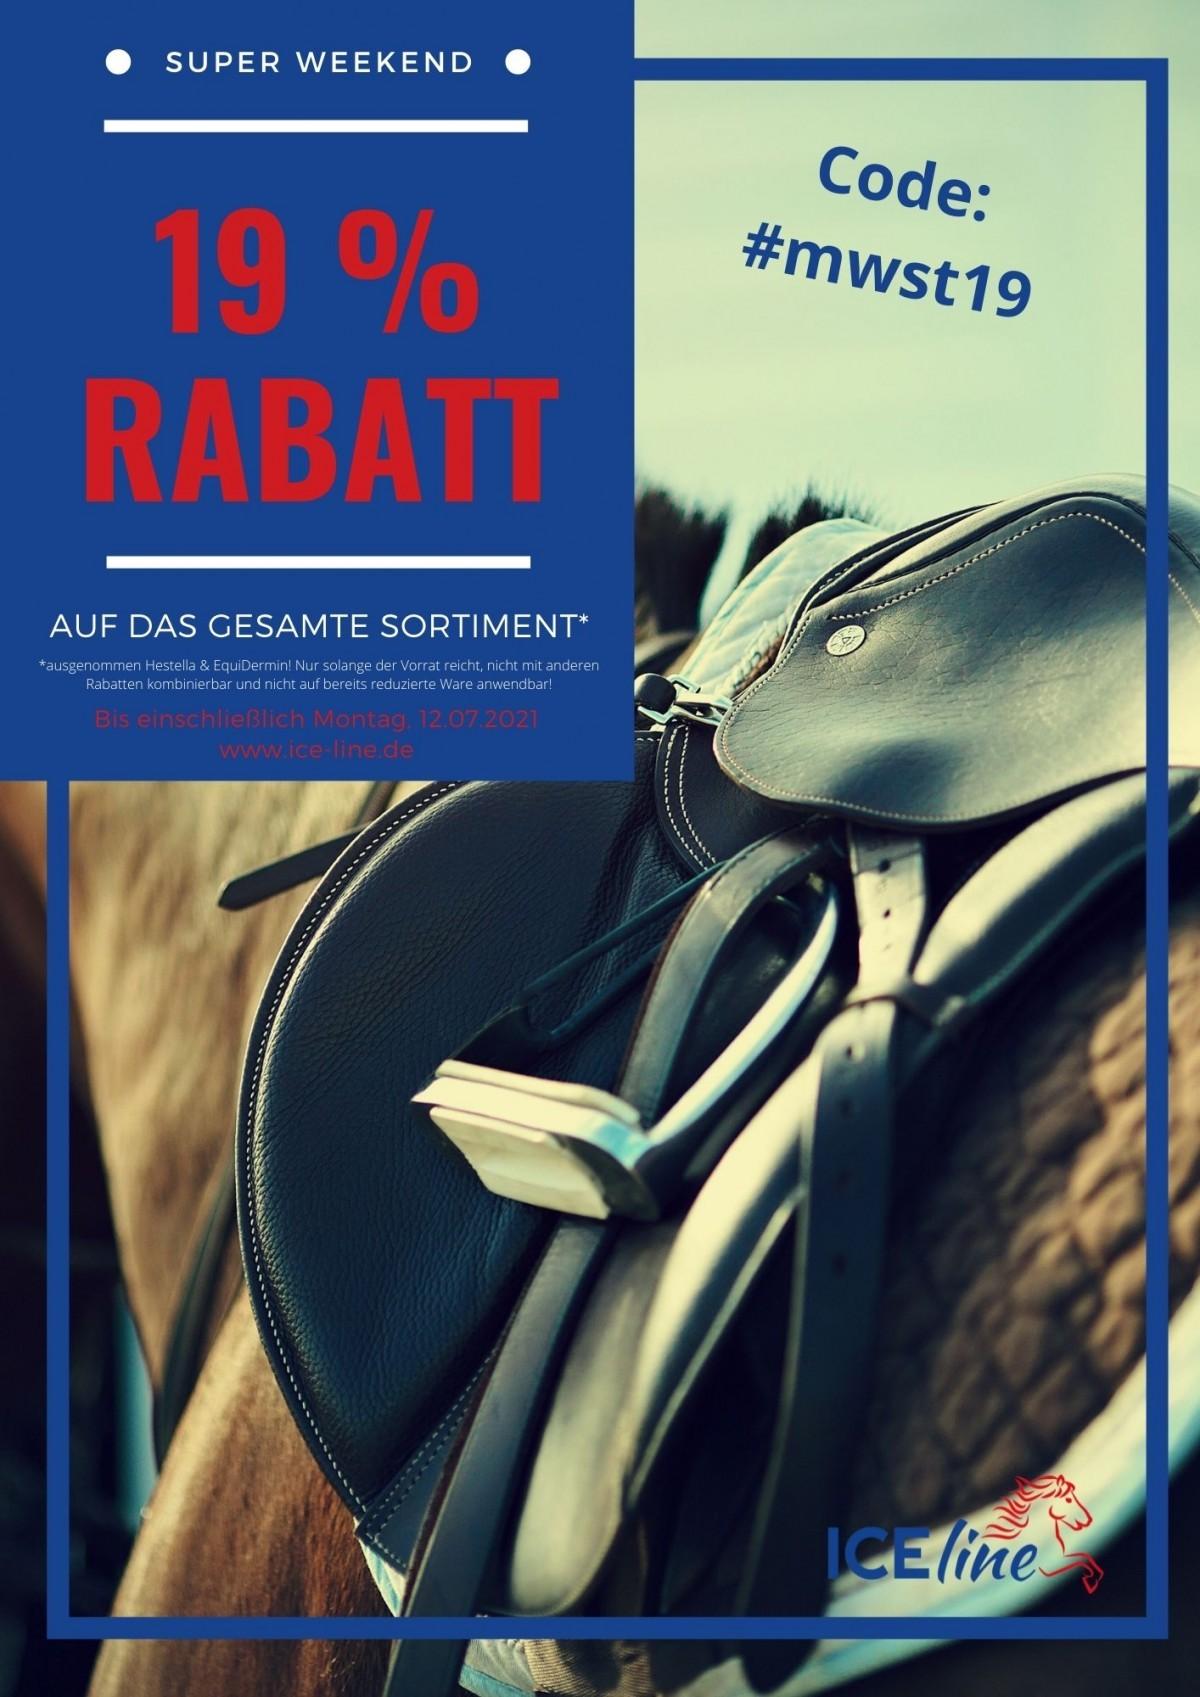 SUPER WEEKEND - 19% Rabatt! 2